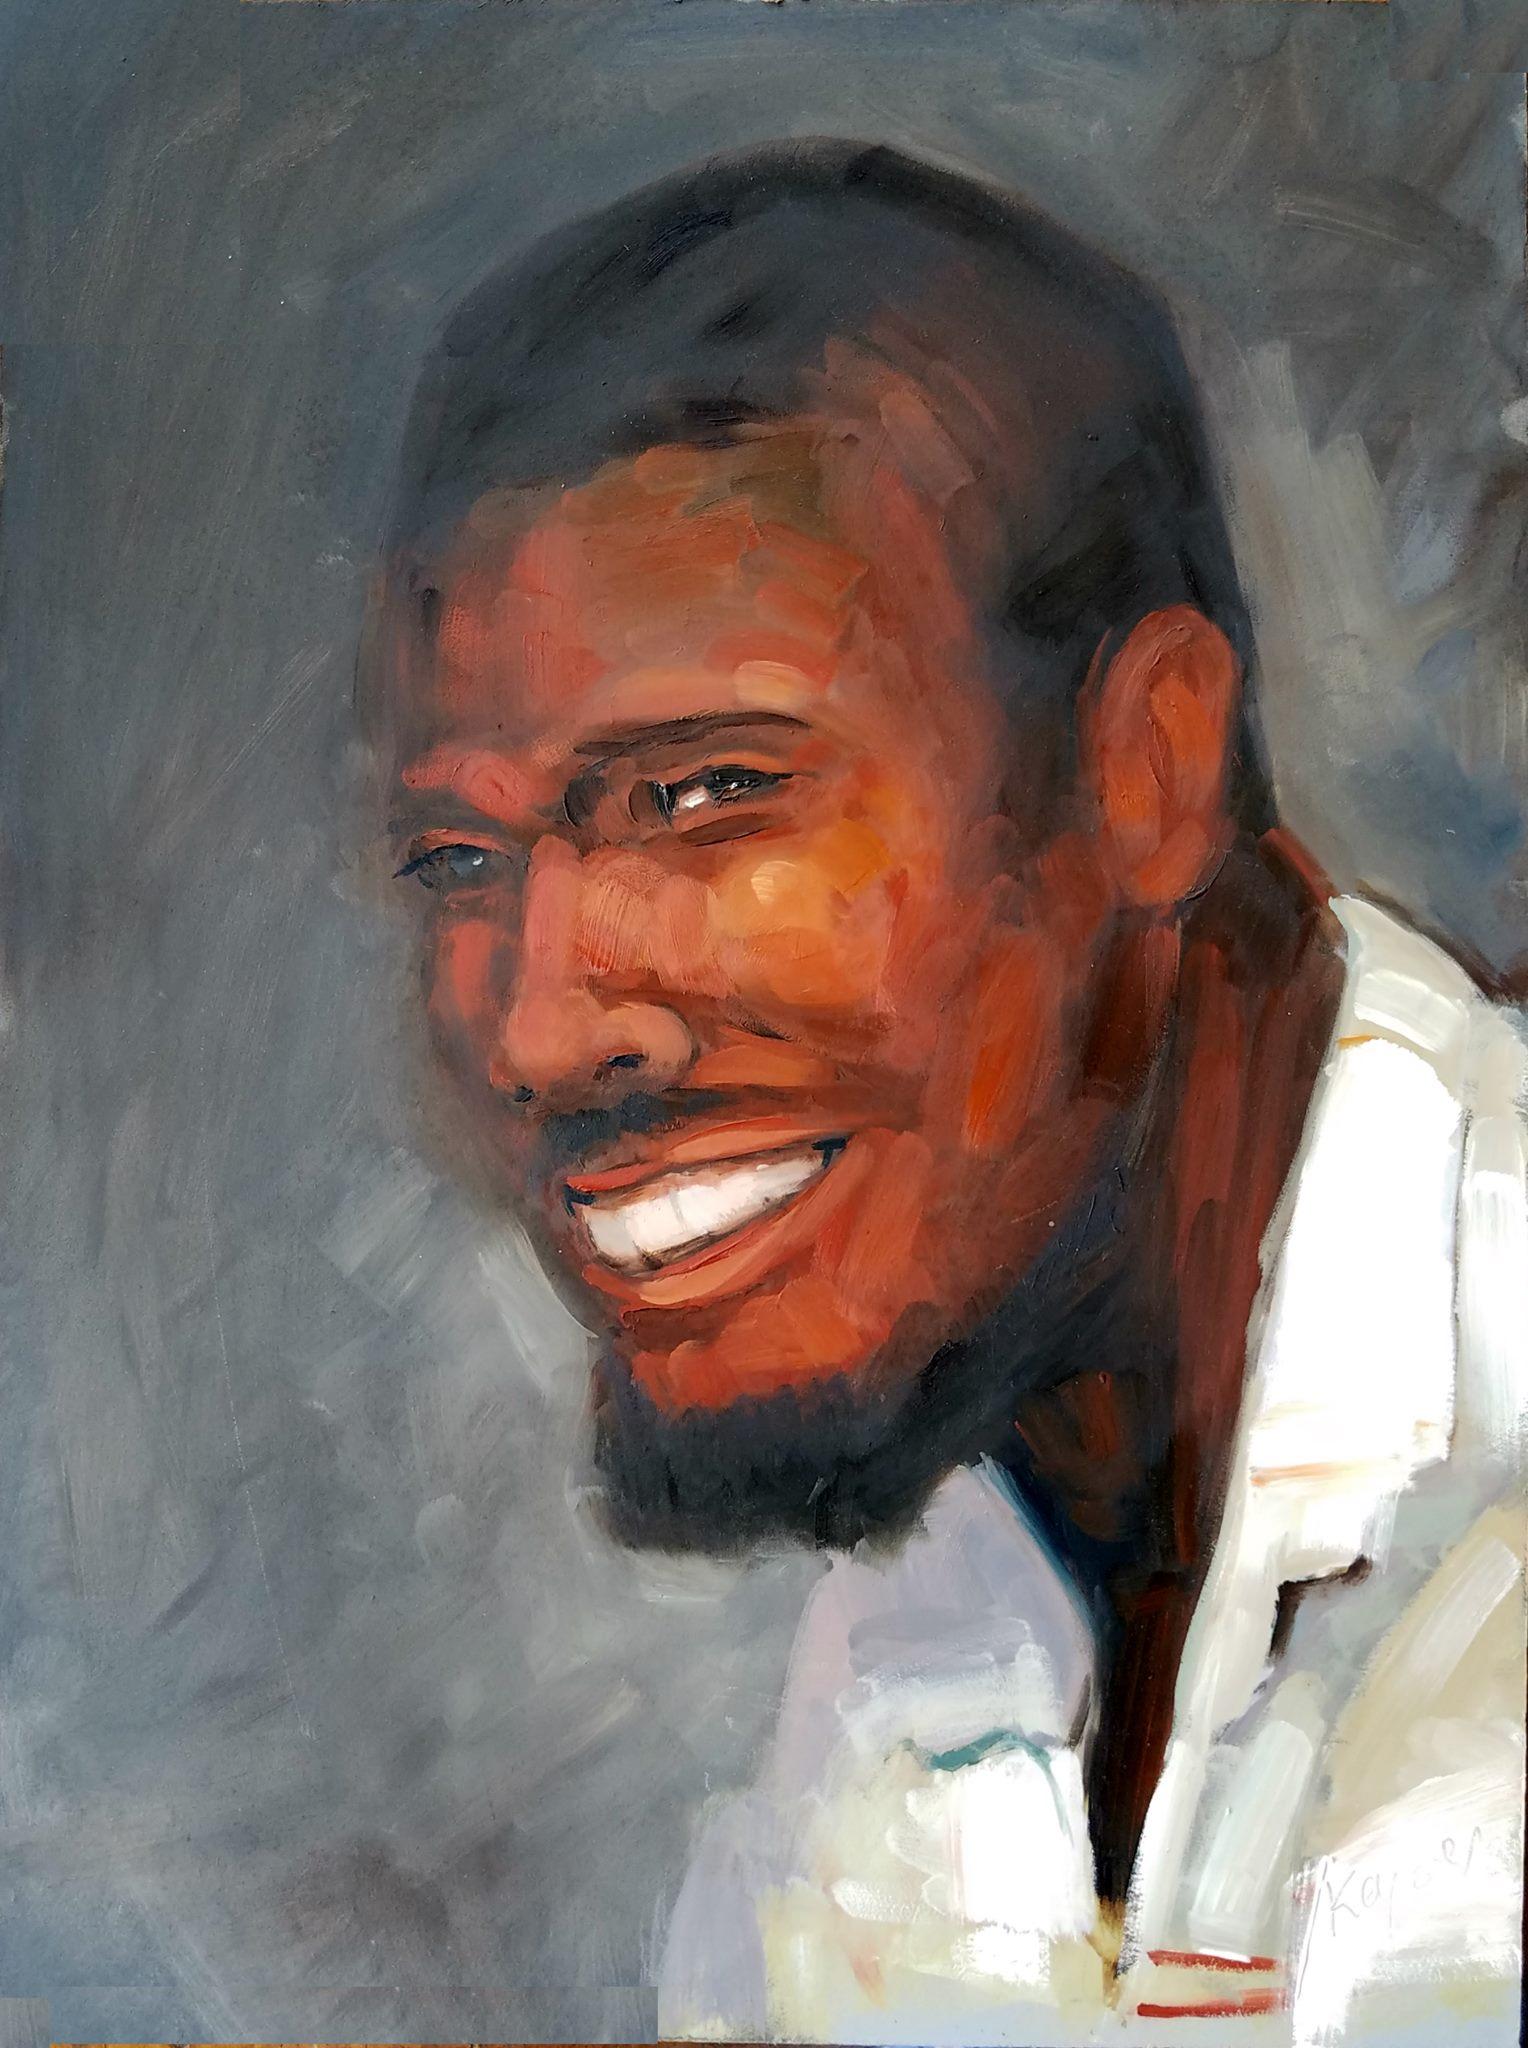 The Kool-Aid Smile by Warren Keyser